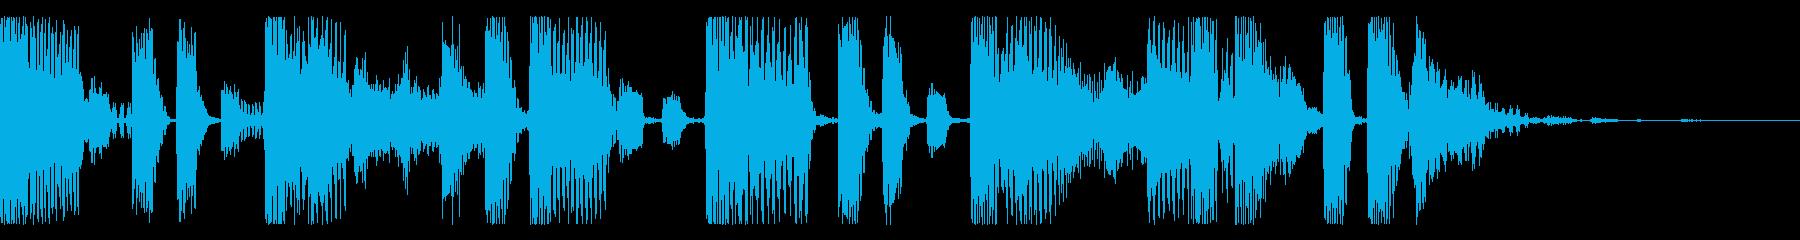 代替ポップインスタンス。エレクトロ...の再生済みの波形